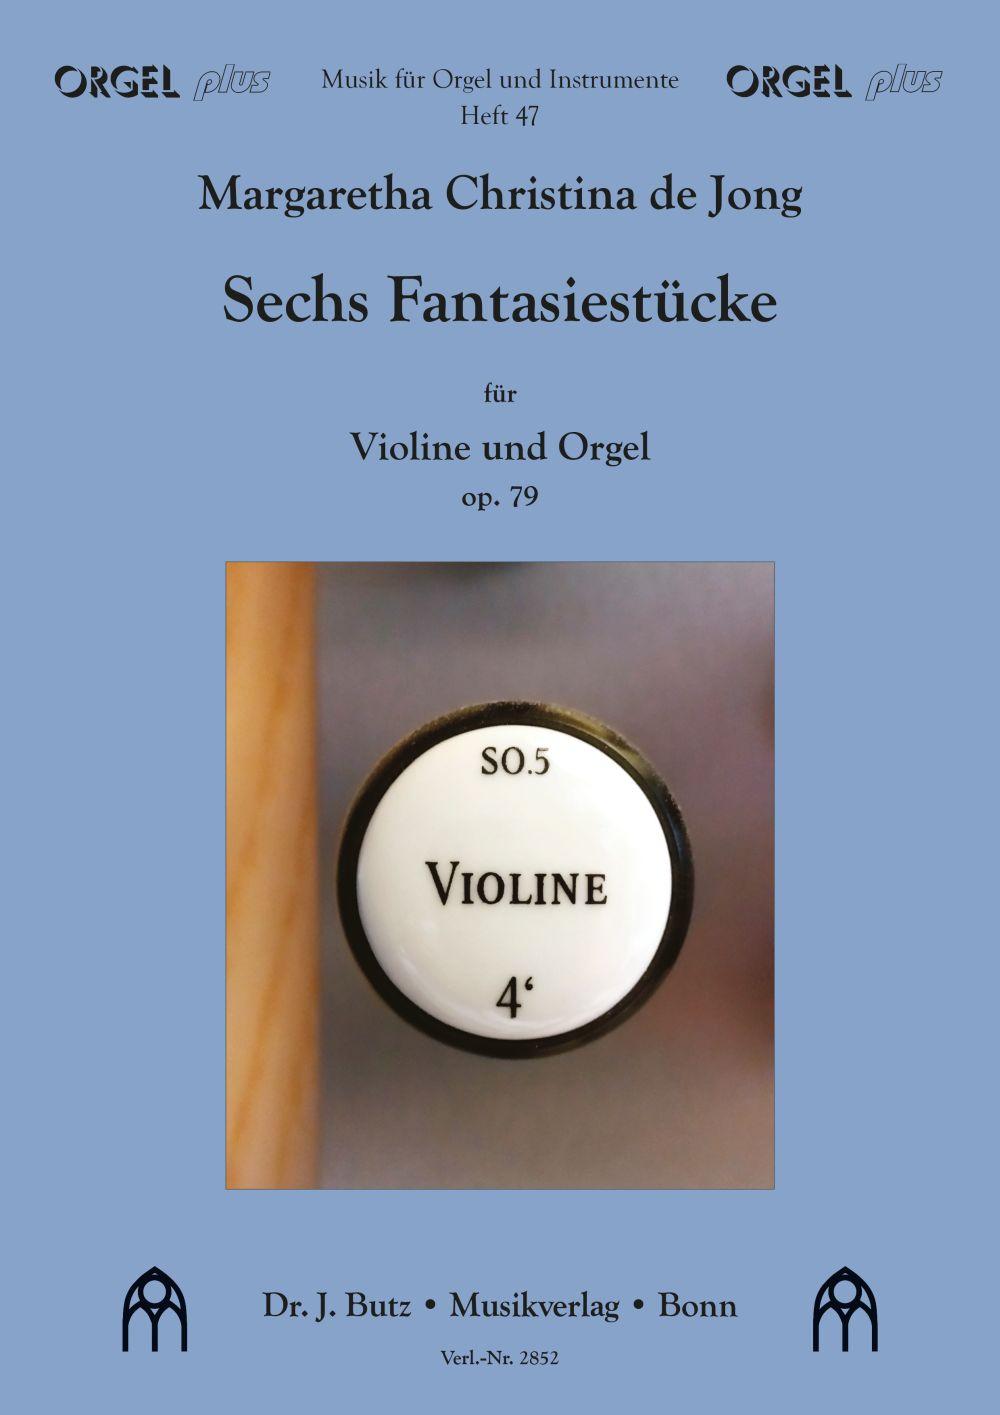 6 Fantasiestücke für Violine und Orgel